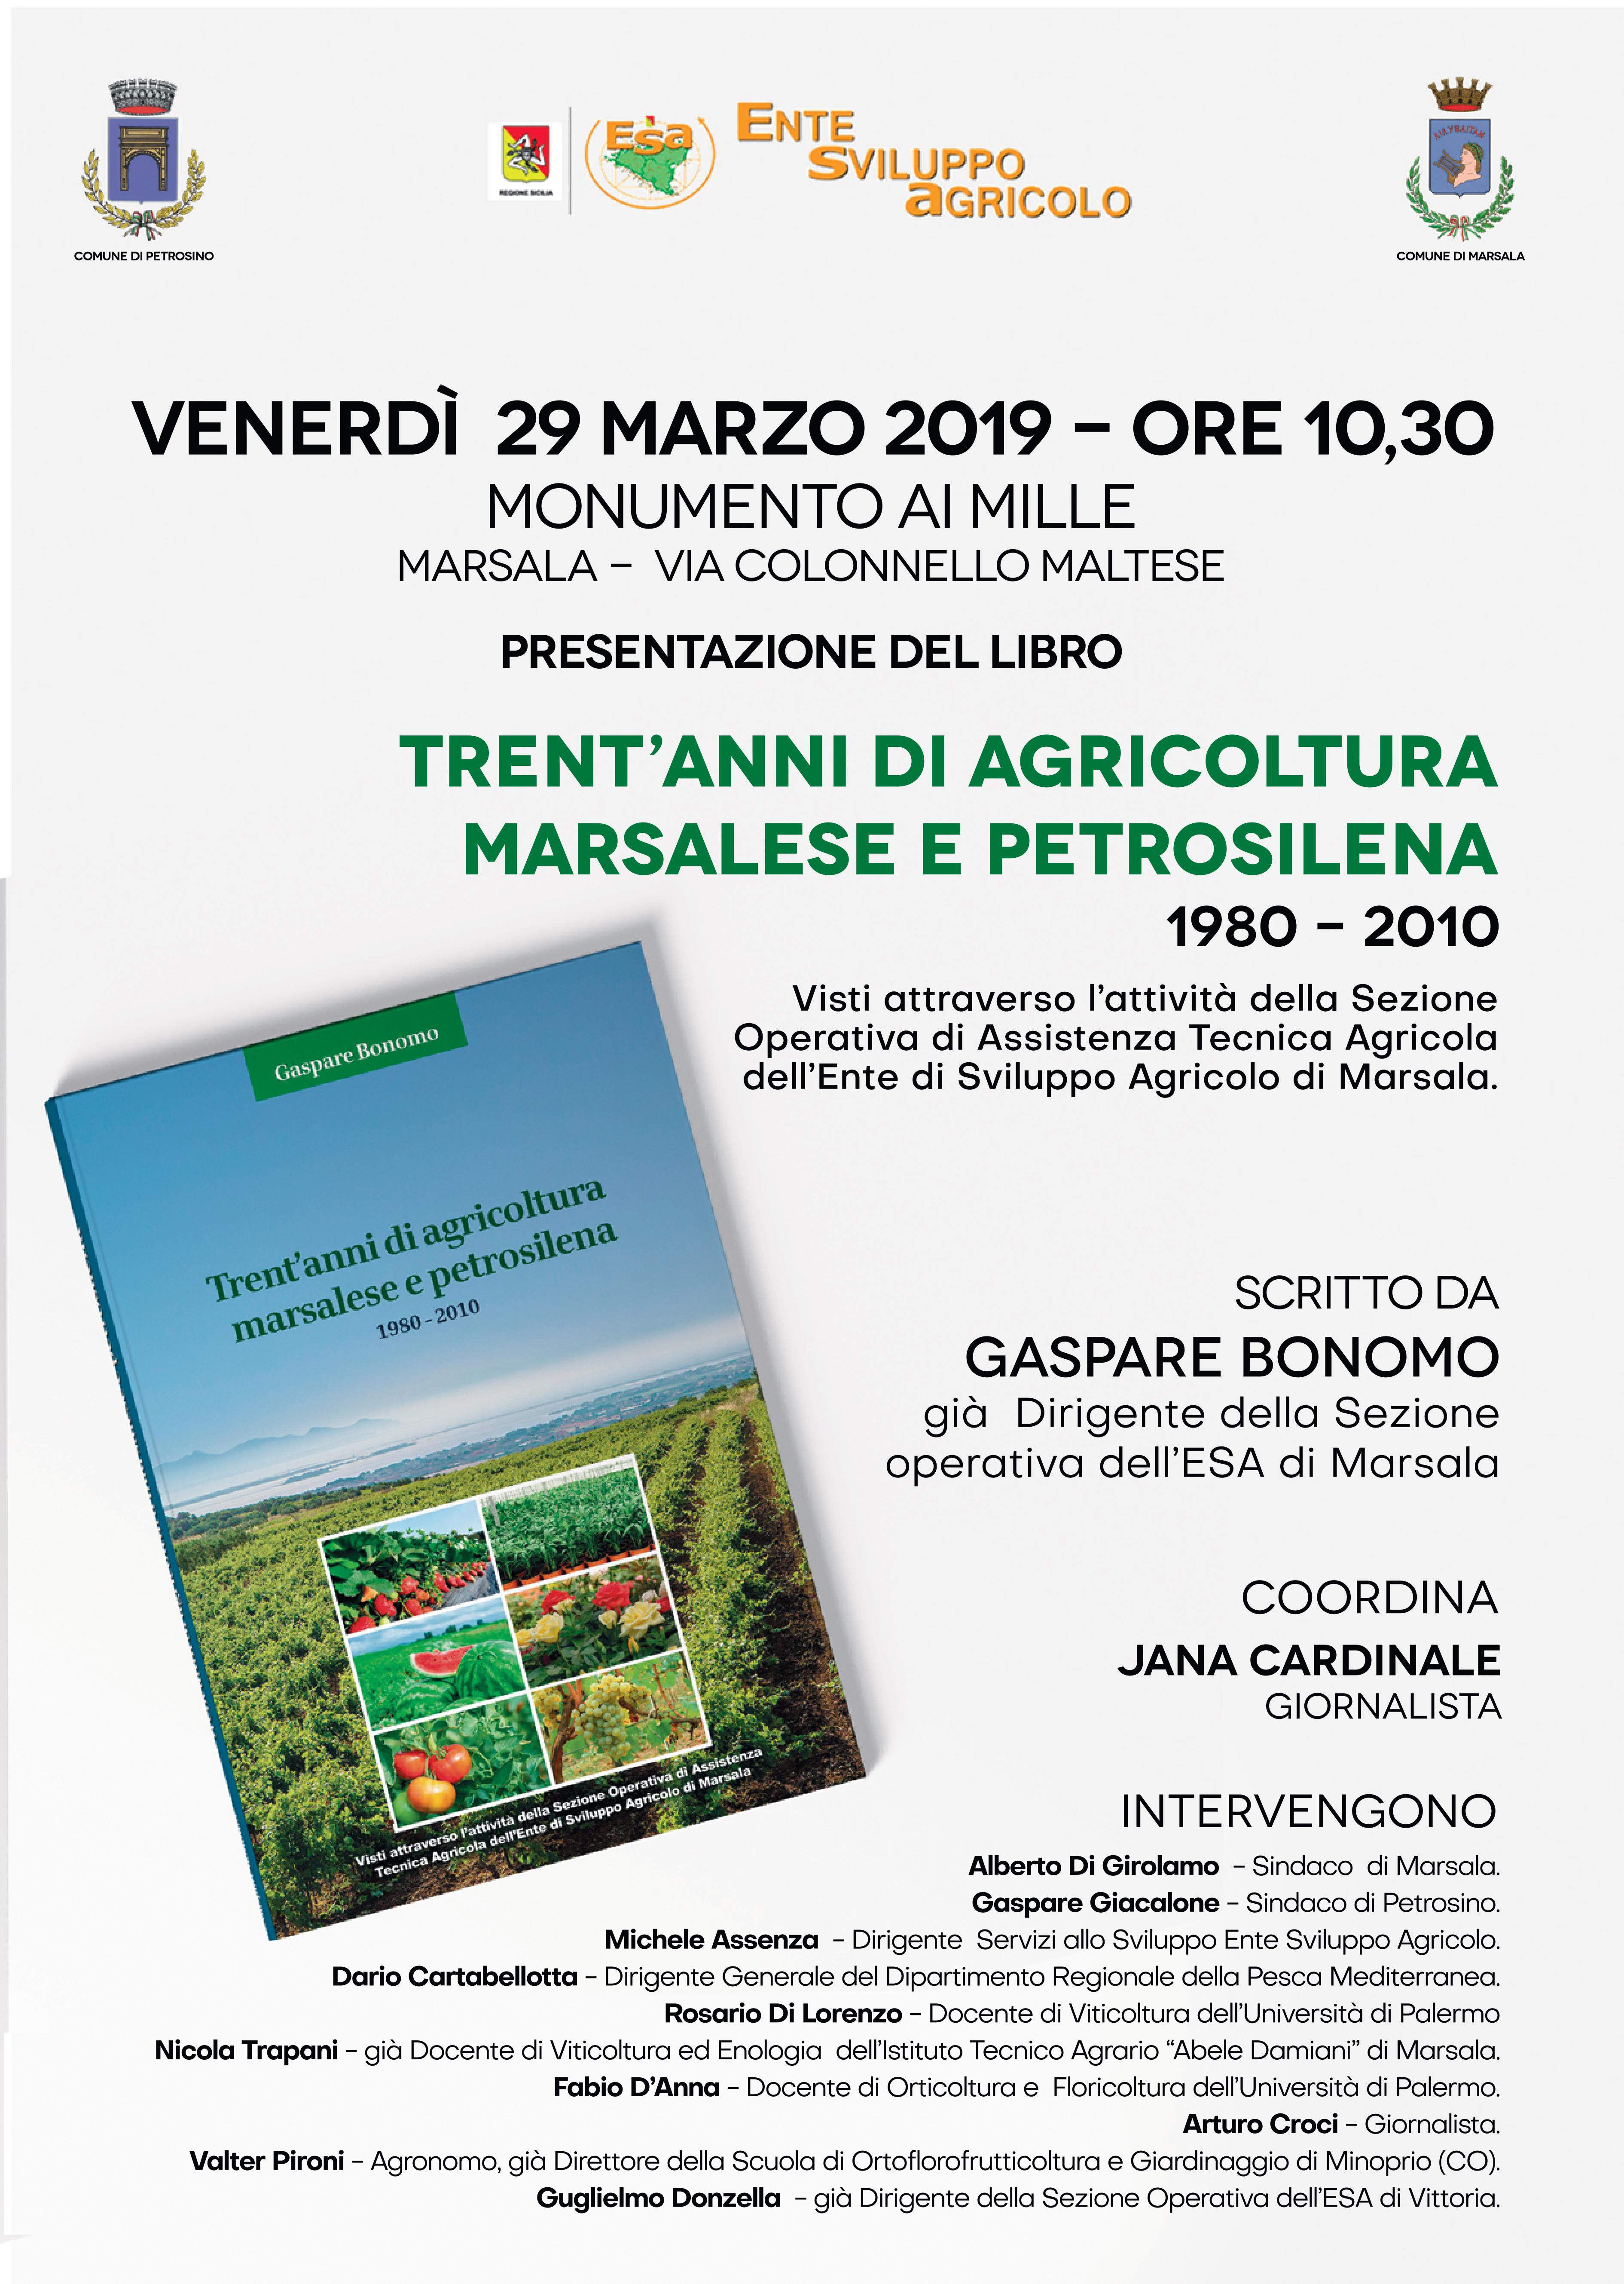 Trent'anni di Agricoltura locale nel libro di Gaspare Bonomo al Monumento ai Mille